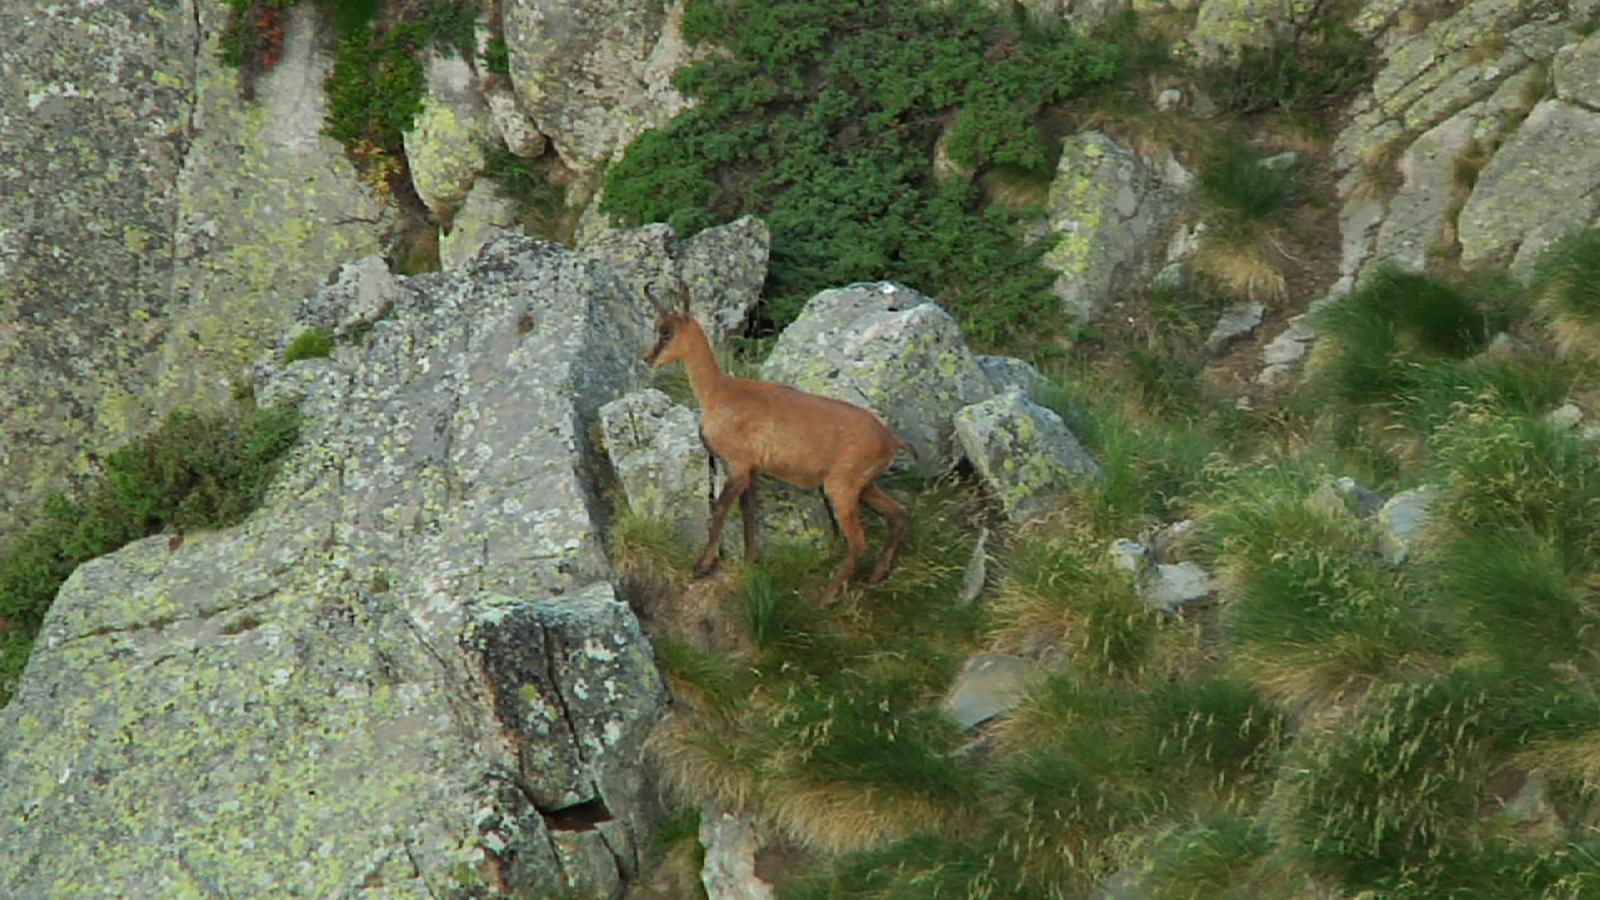 Aquest any es podran caçar 96 animals durant la Setmana de l'isard. / ARXIU ANA